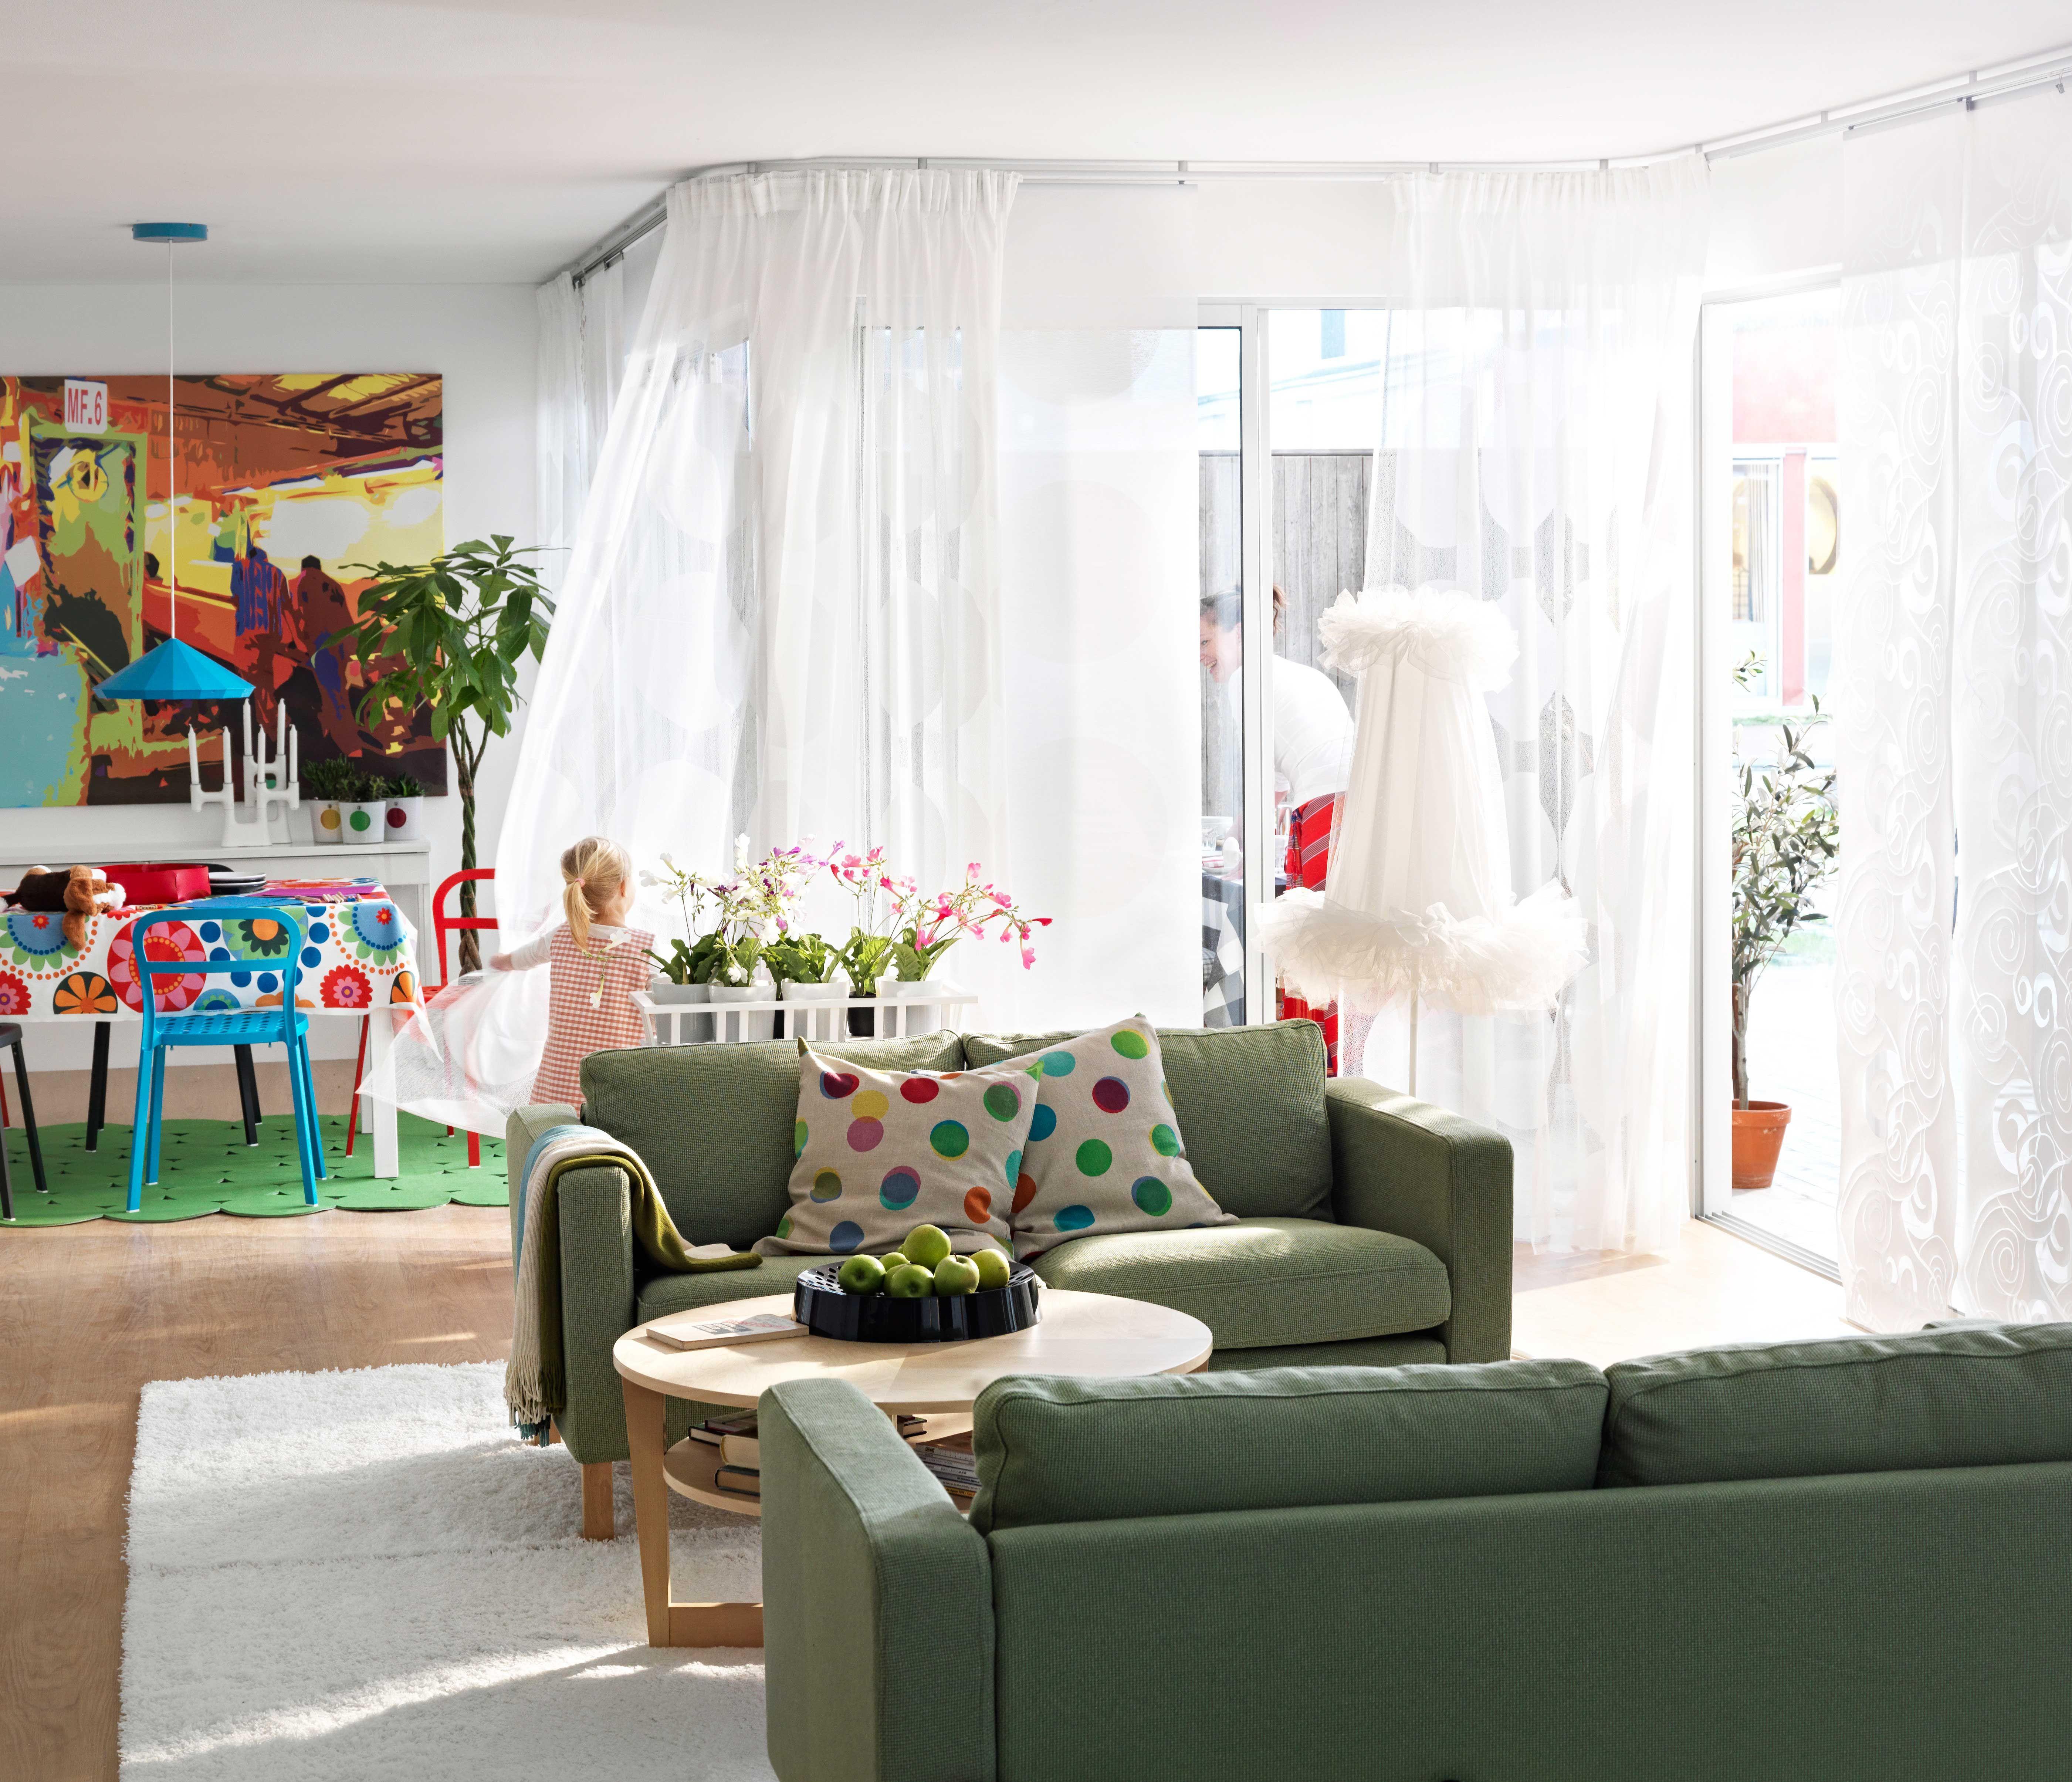 Ikea Wohnzimmer  Wohnzimmer & Wohnzimmermöbel online kaufen